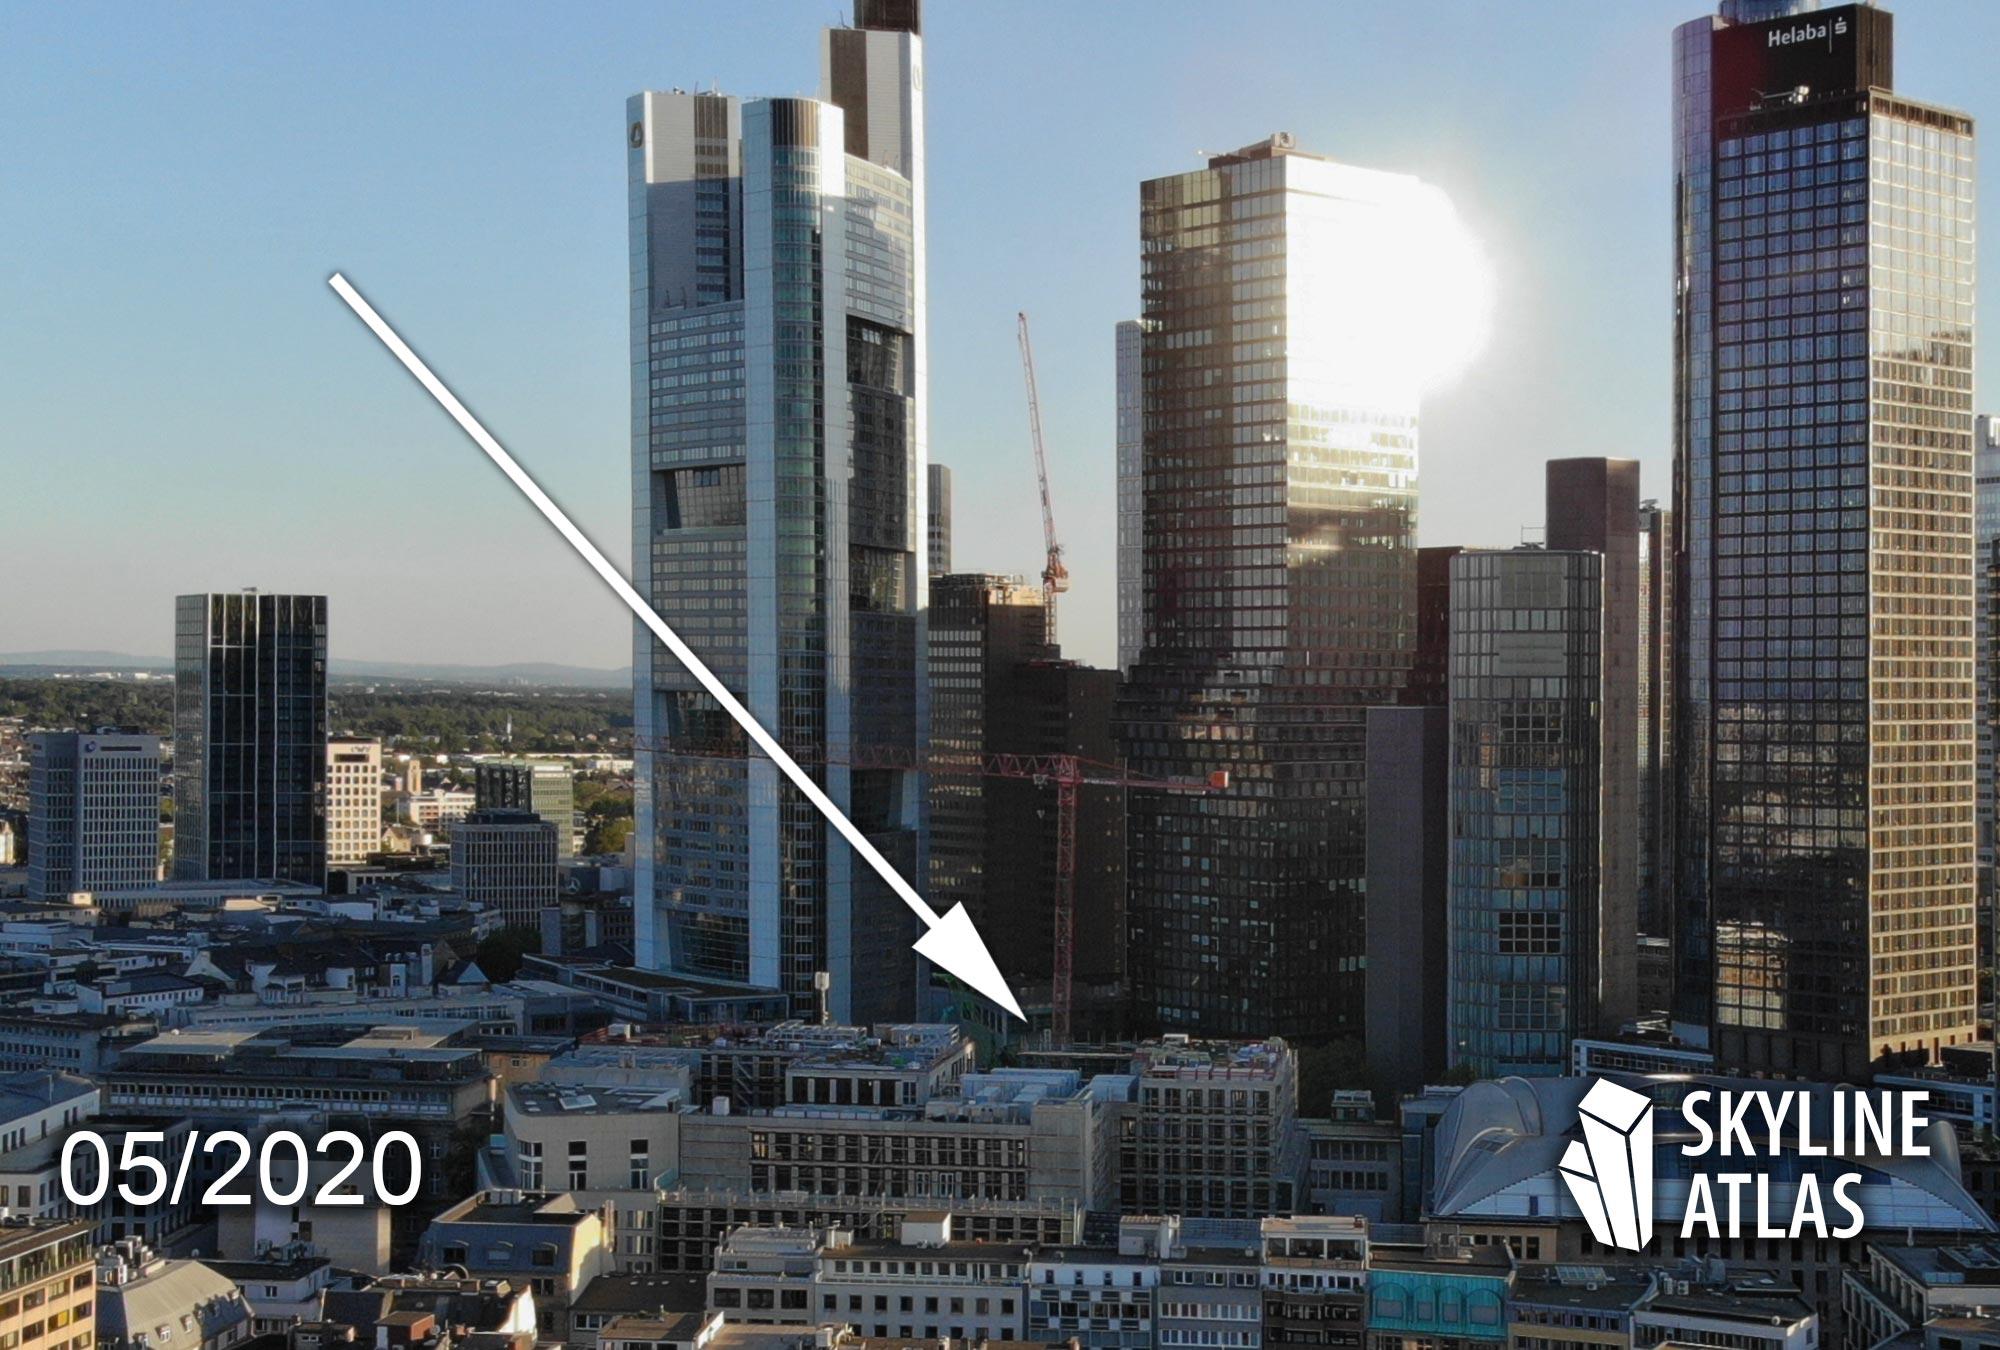 4Frankfurt - Hochhausquartier Groß & Partner im Bankenviertel Frankfurt - Four Frankfurt Drohnenaufahme - 4Frankfurt Baufortschritt- Baustelle Mai 2020